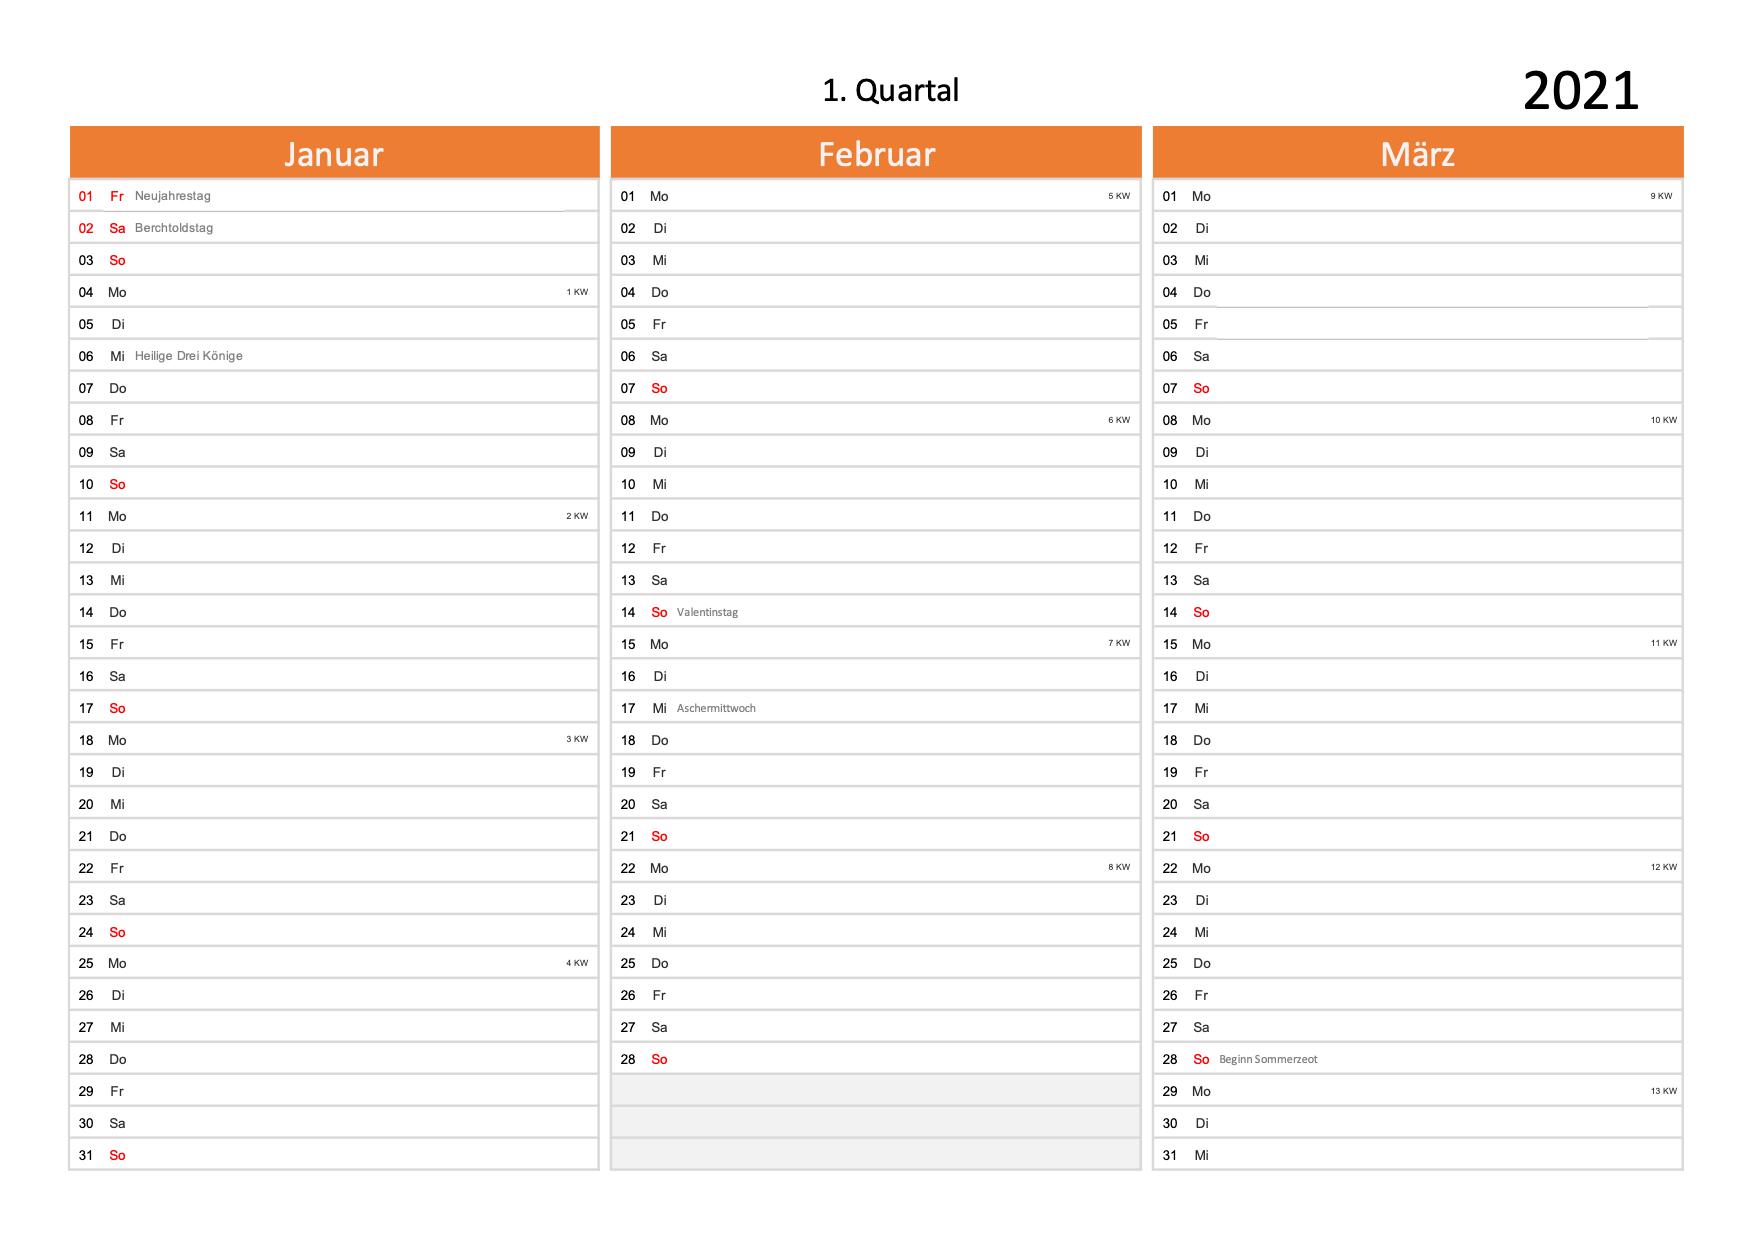 Quartalskalender 2021 Schweiz   Schweiz-Kalender.ch